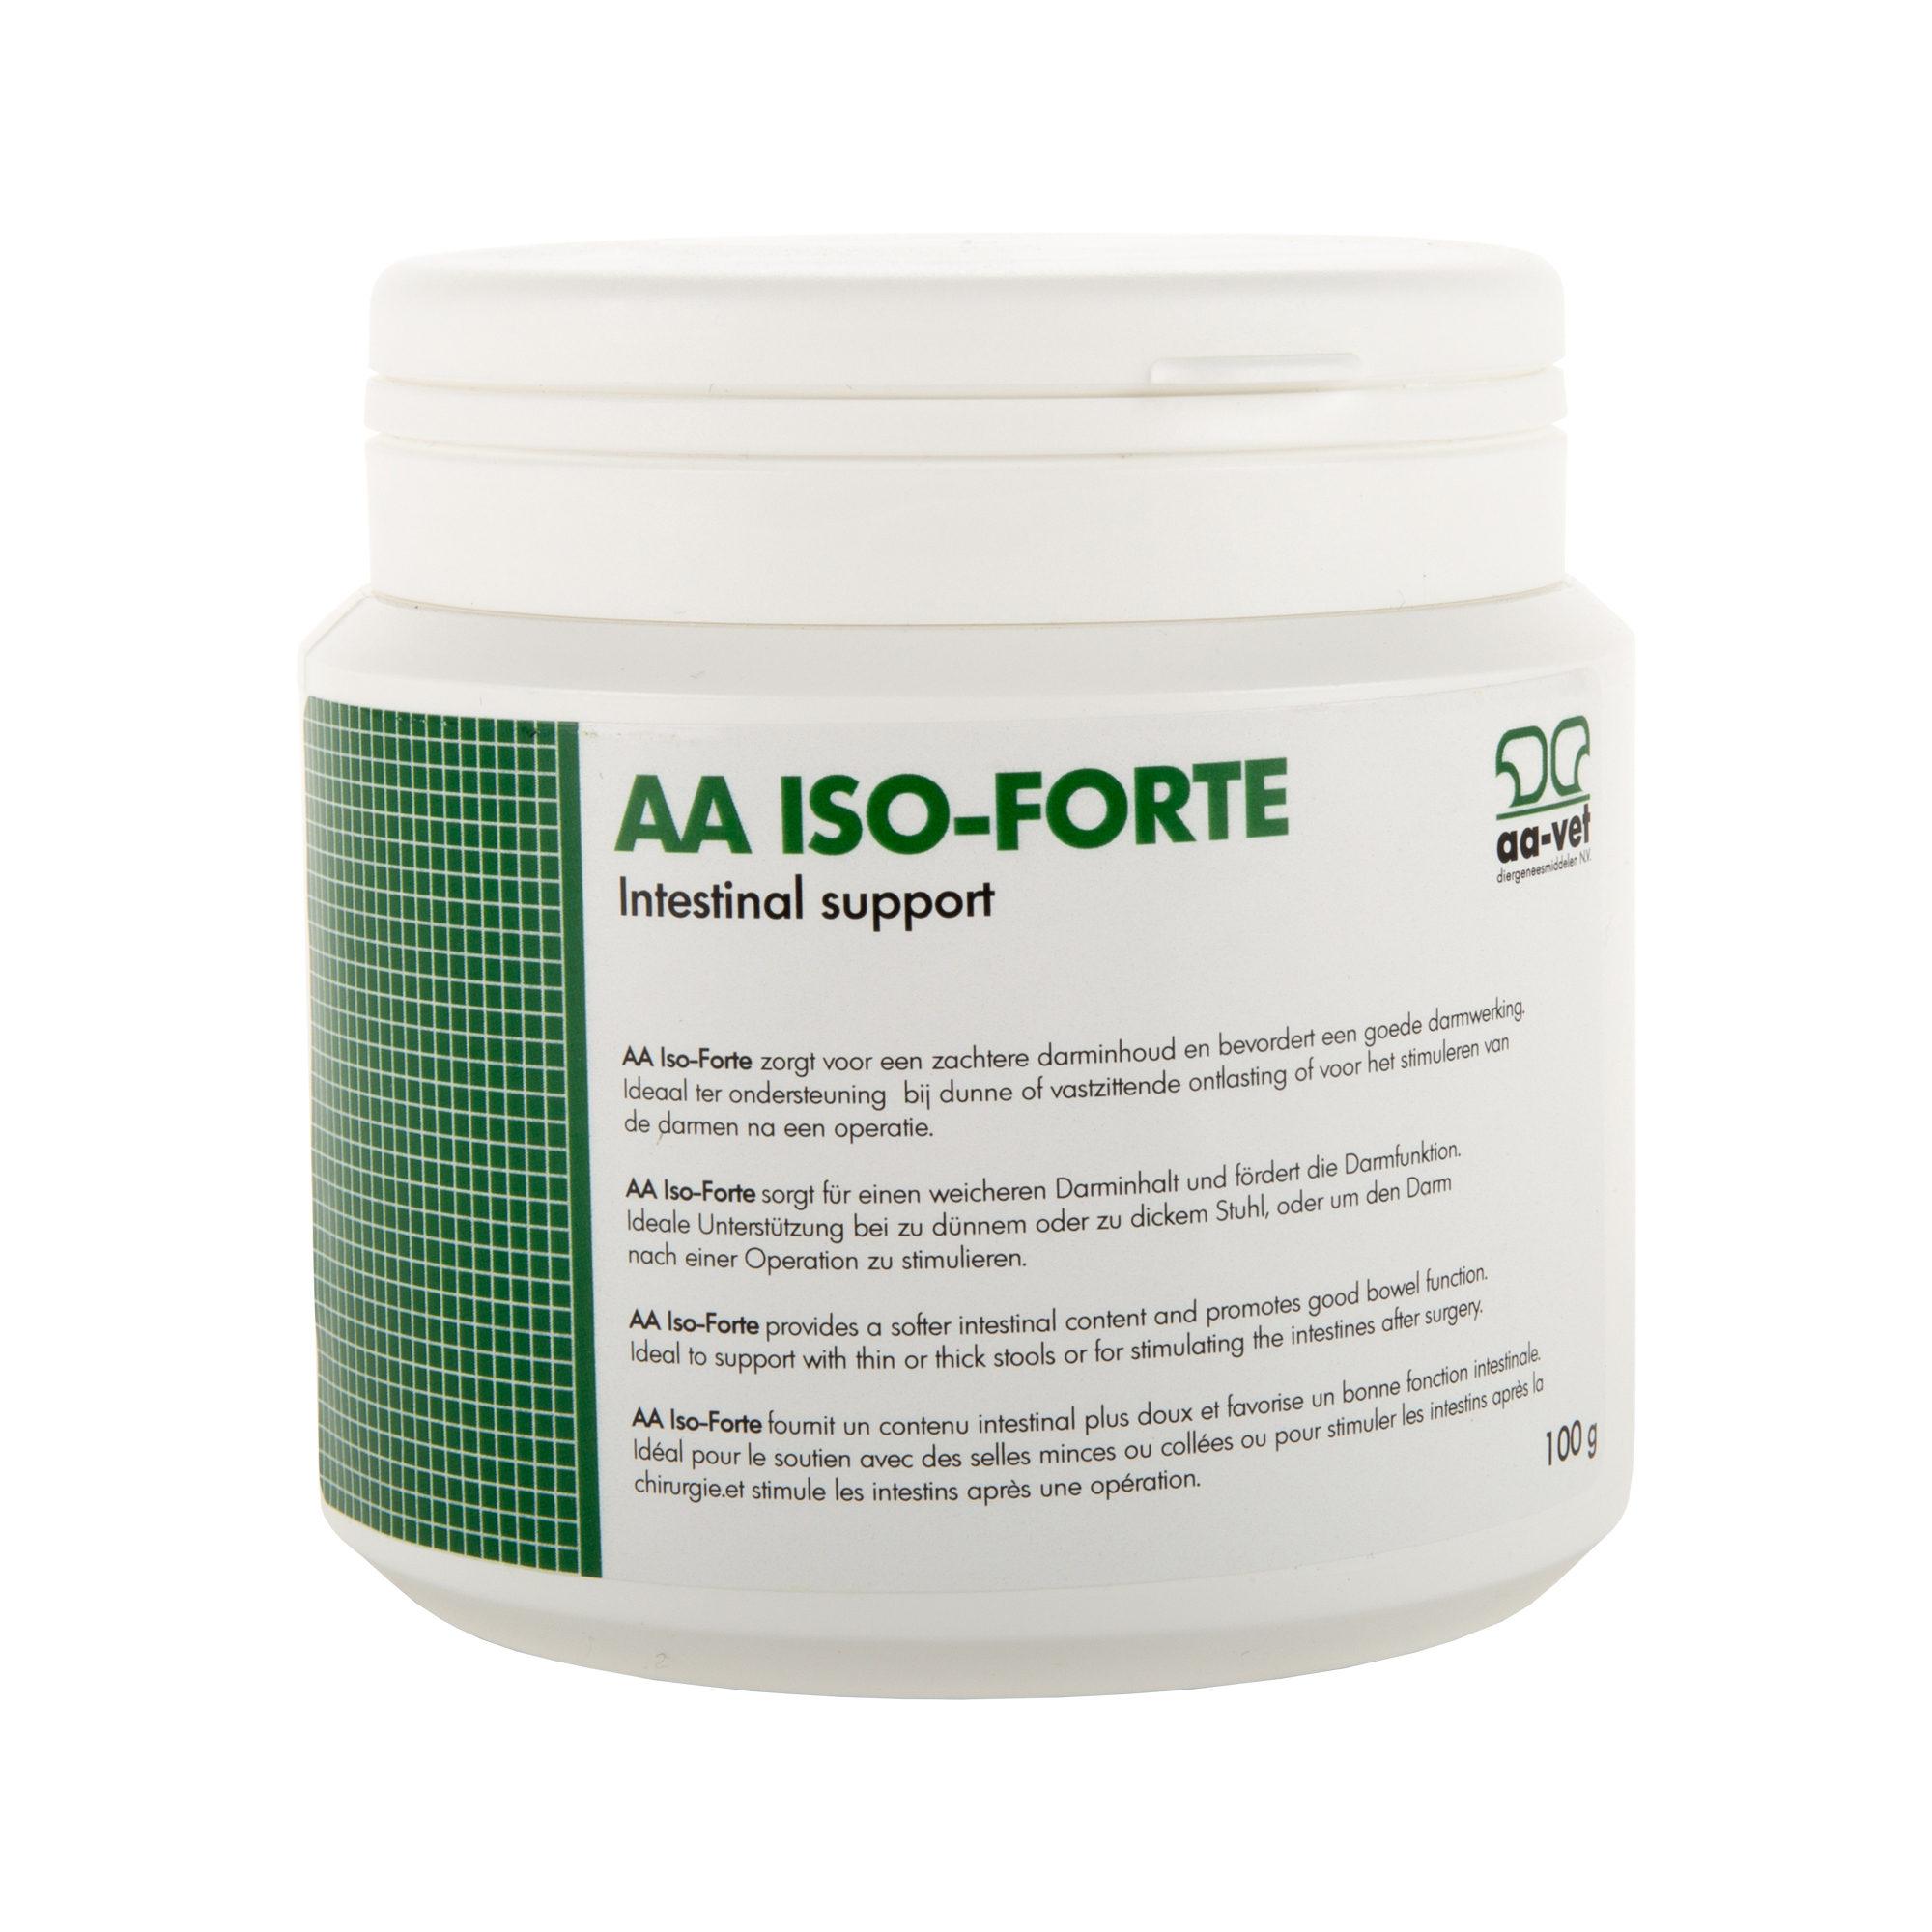 AA Iso-Forte